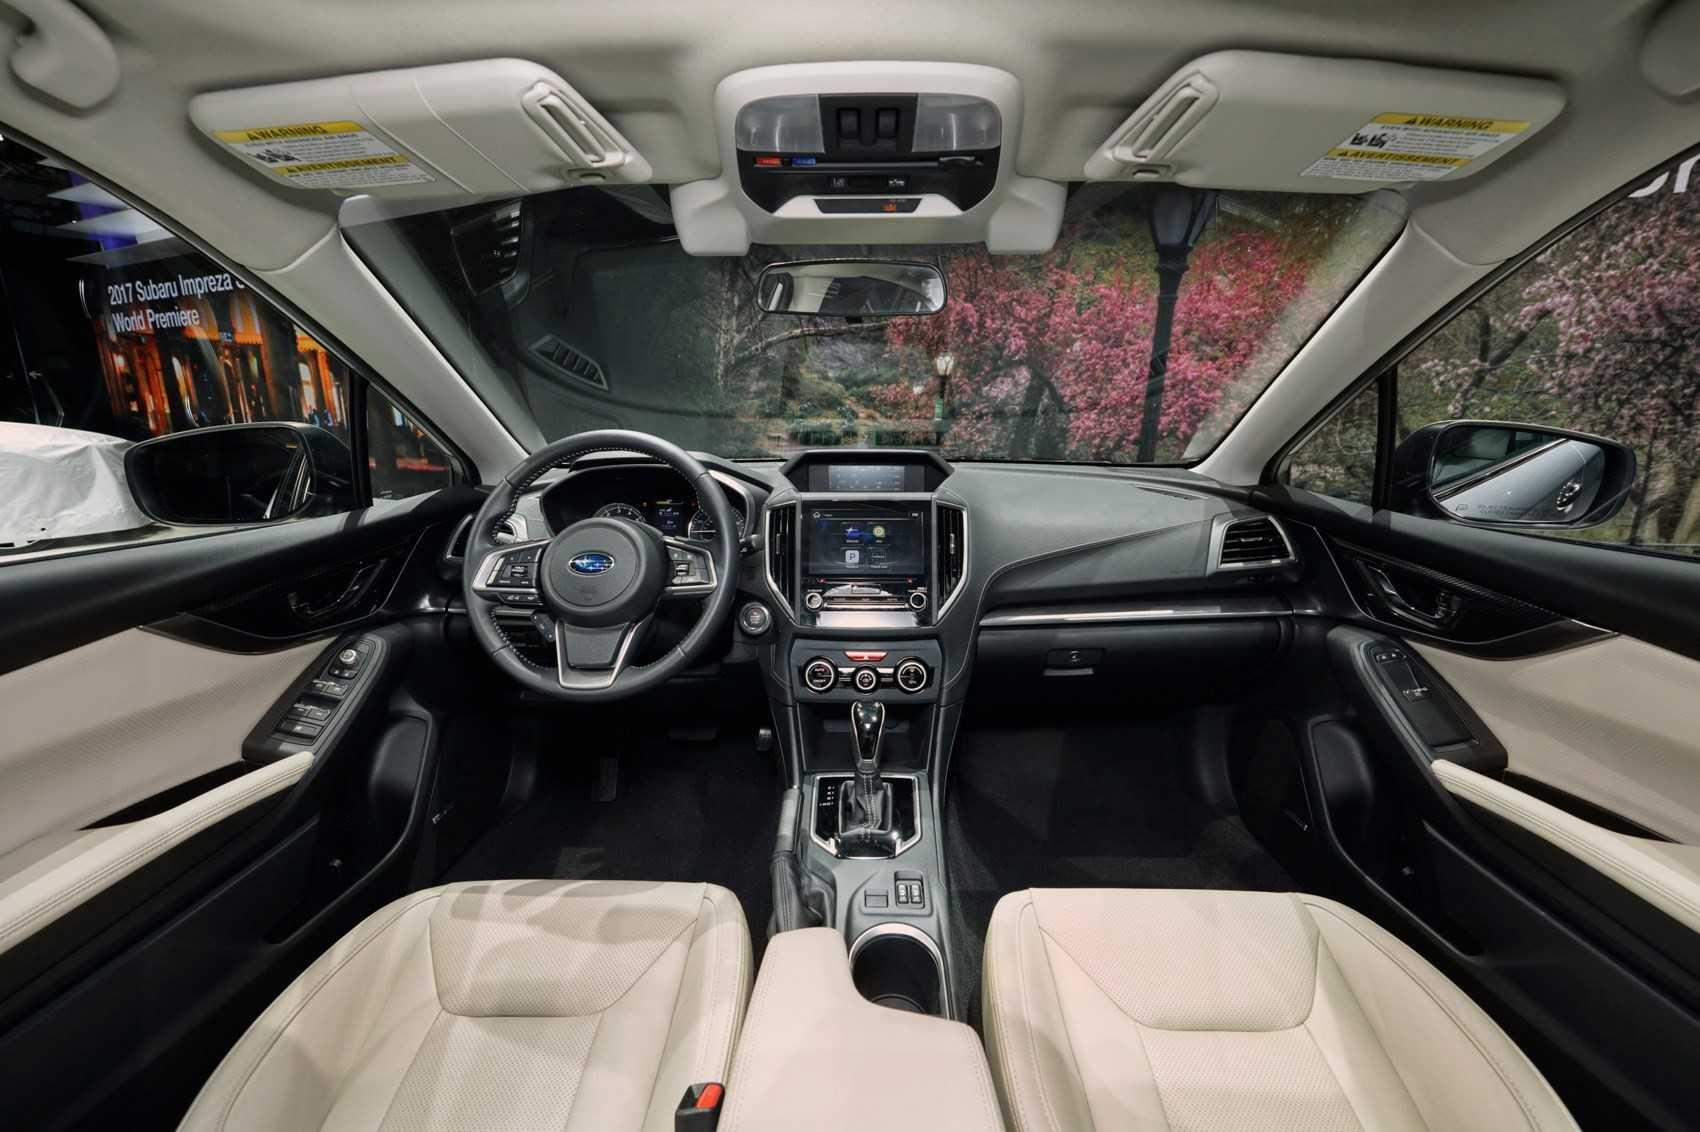 Chiec xe an toan nhat Subaru Impreza 2017 gia 428 trieu dong co gi hap dan? hinh anh 3